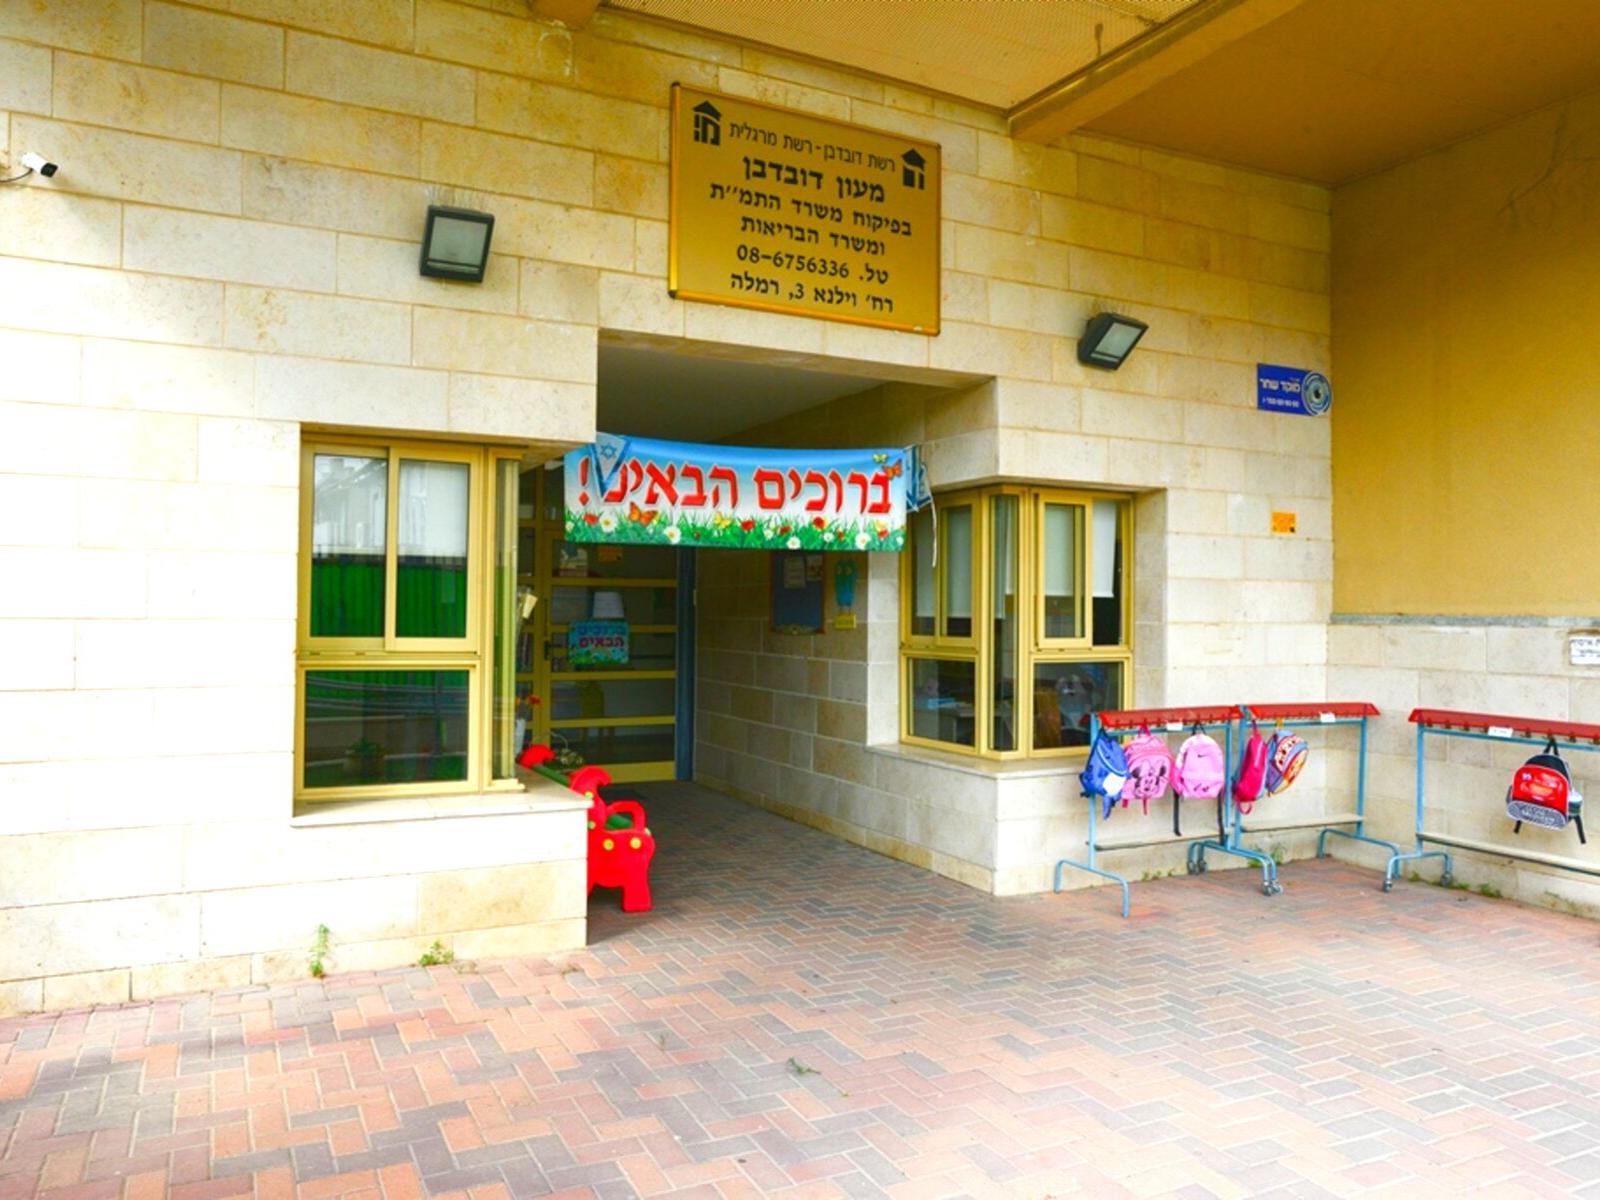 כניסה-למעון-דובדבן-רמלה-וילנא